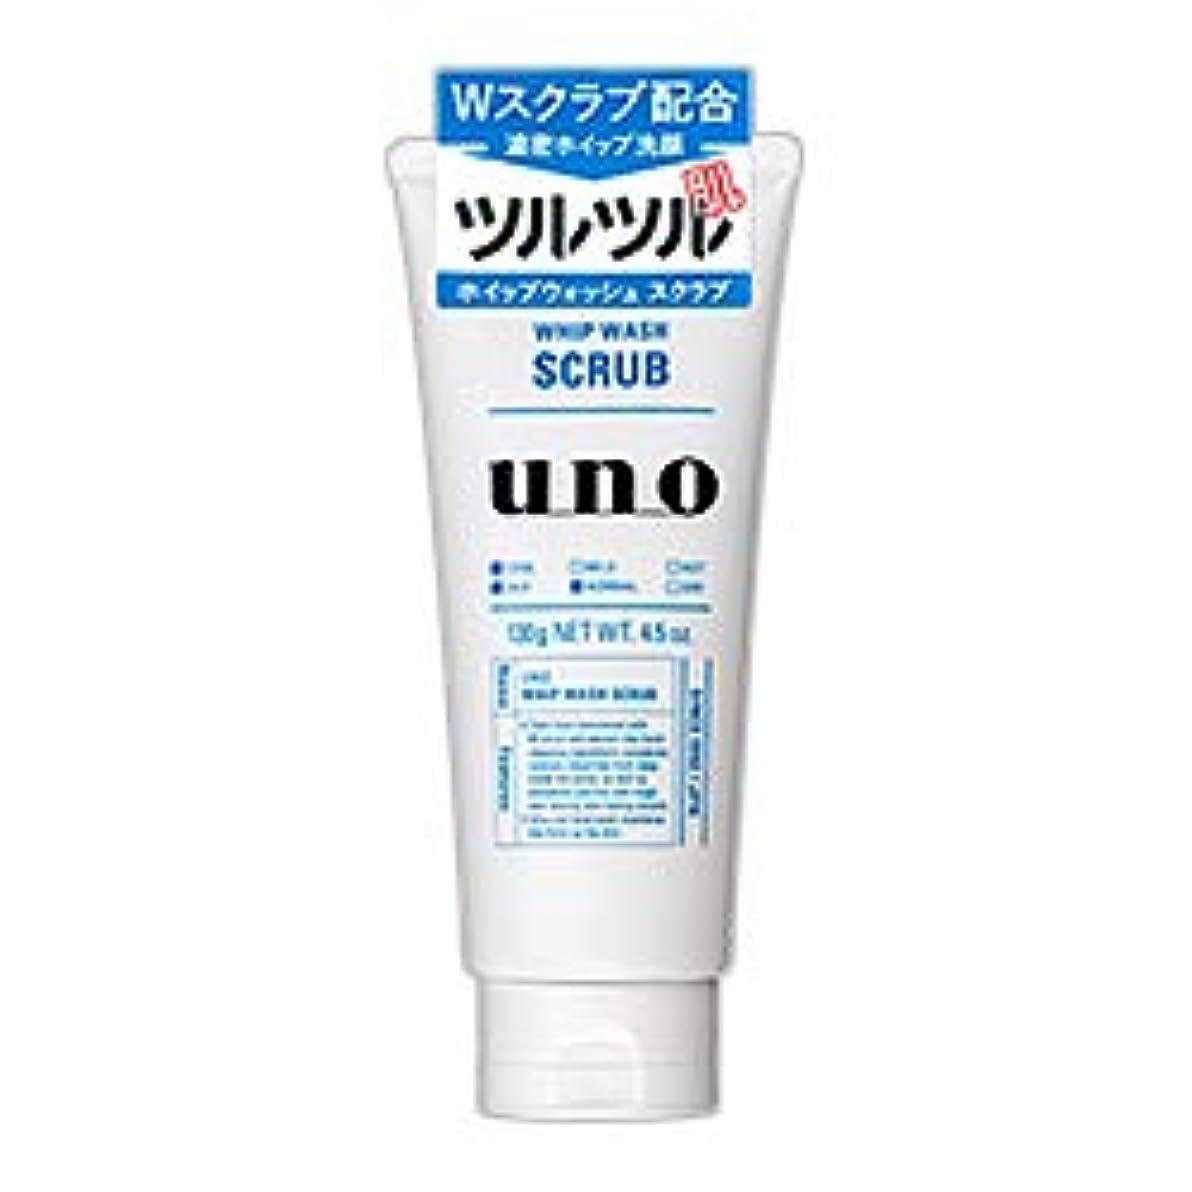 位置する若い国【資生堂】ウーノ(uno) ホイップウォッシュ (スクラブ) 130g ×4個セット